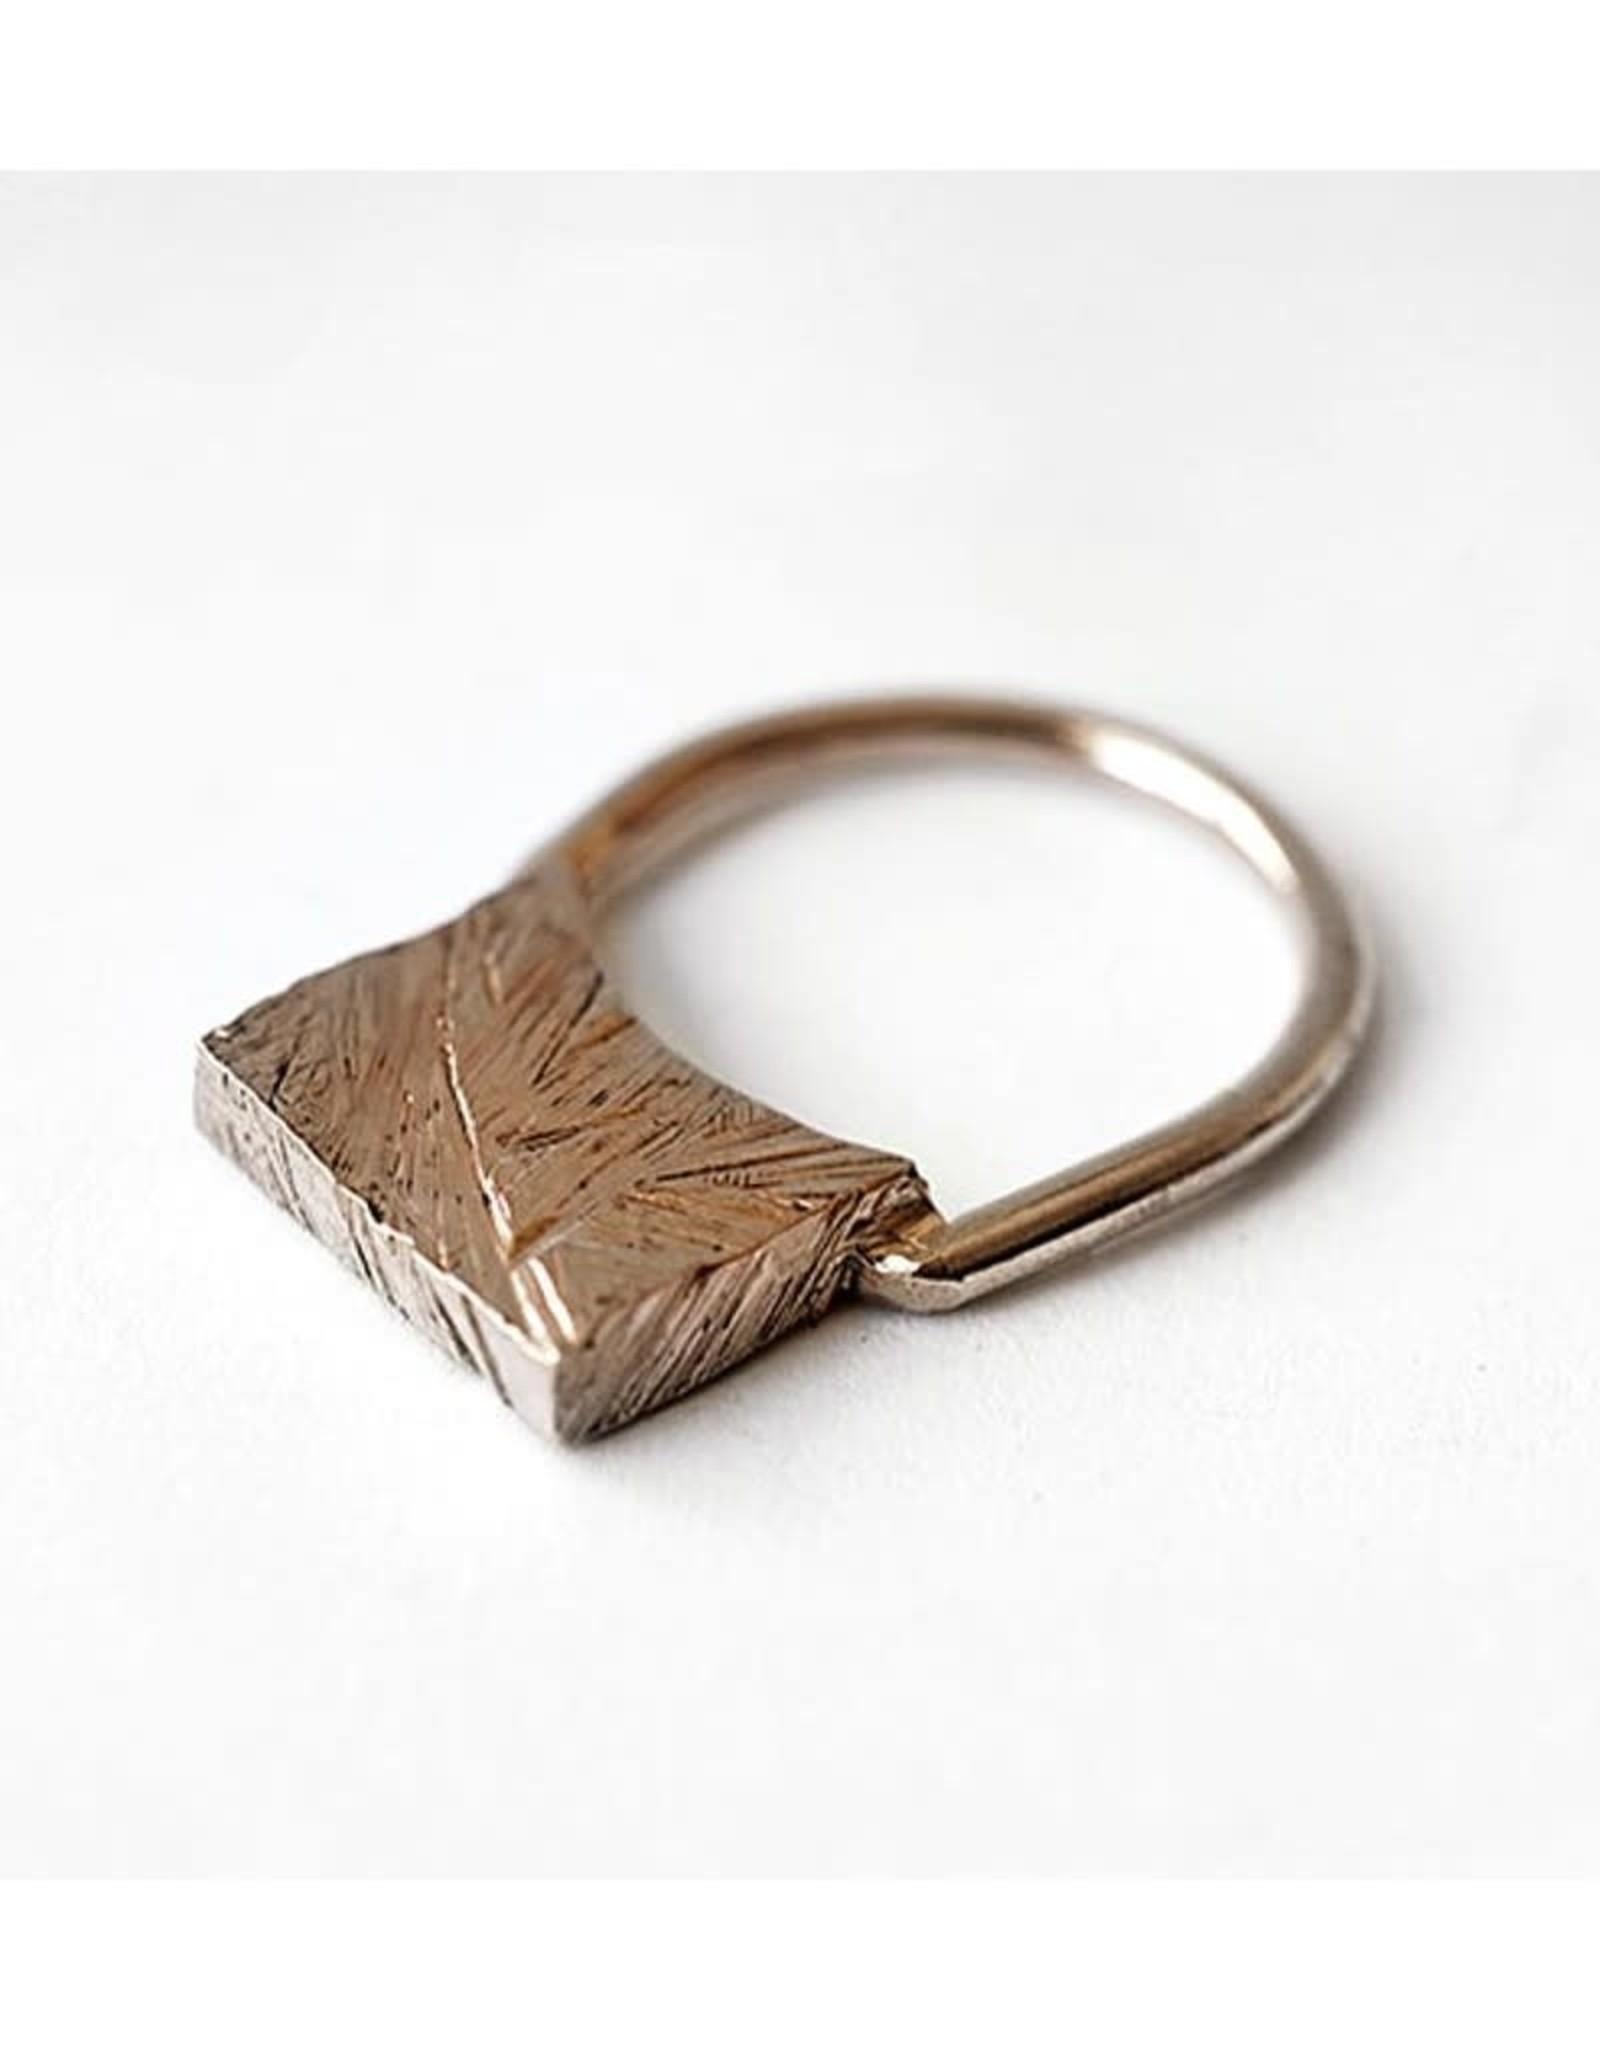 Marmod8 Bague Square Texture Marmod8 Bronze T9